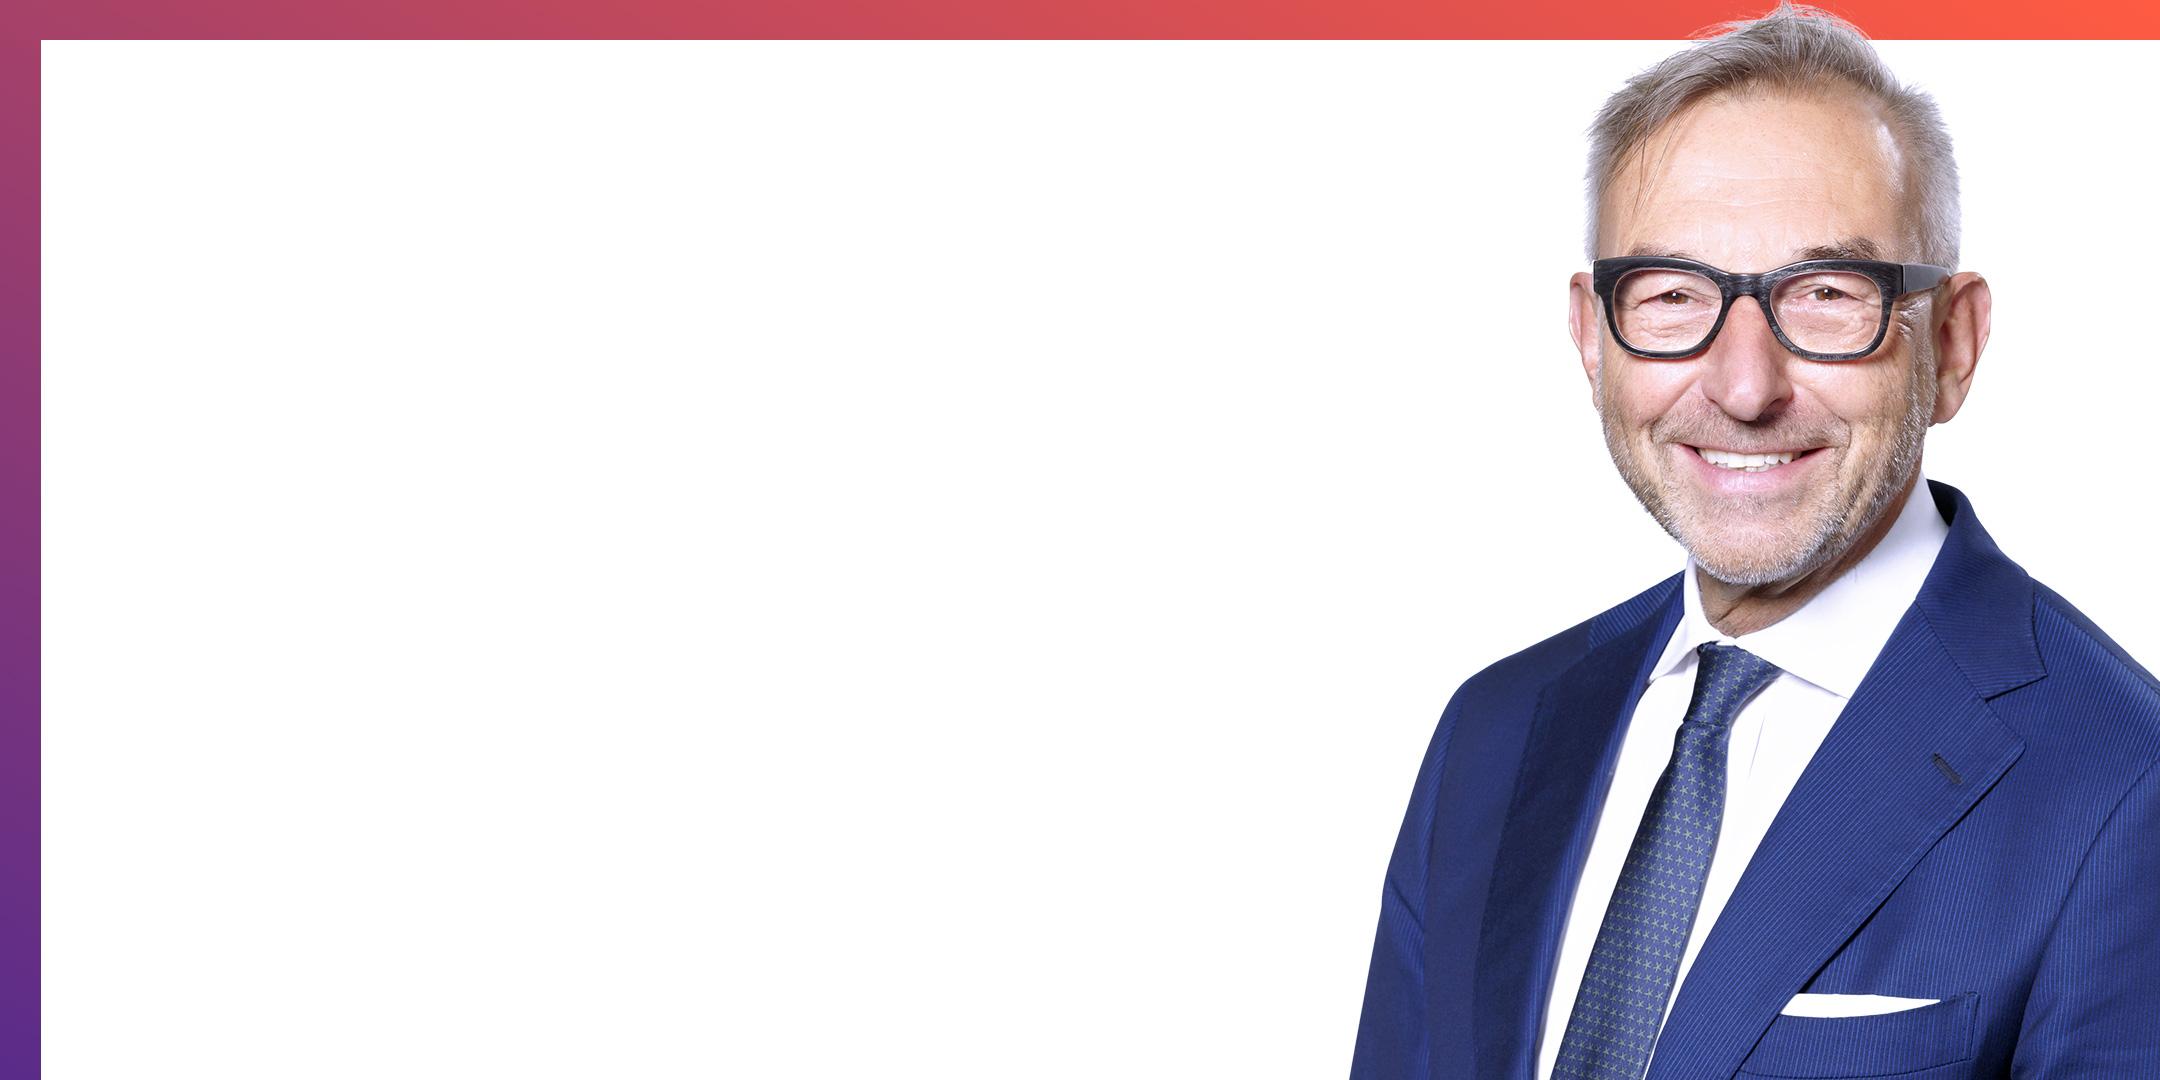 Regulatorische Anforderung nach der neuen MP-VO (MDR – VO (EU) 2017/45)